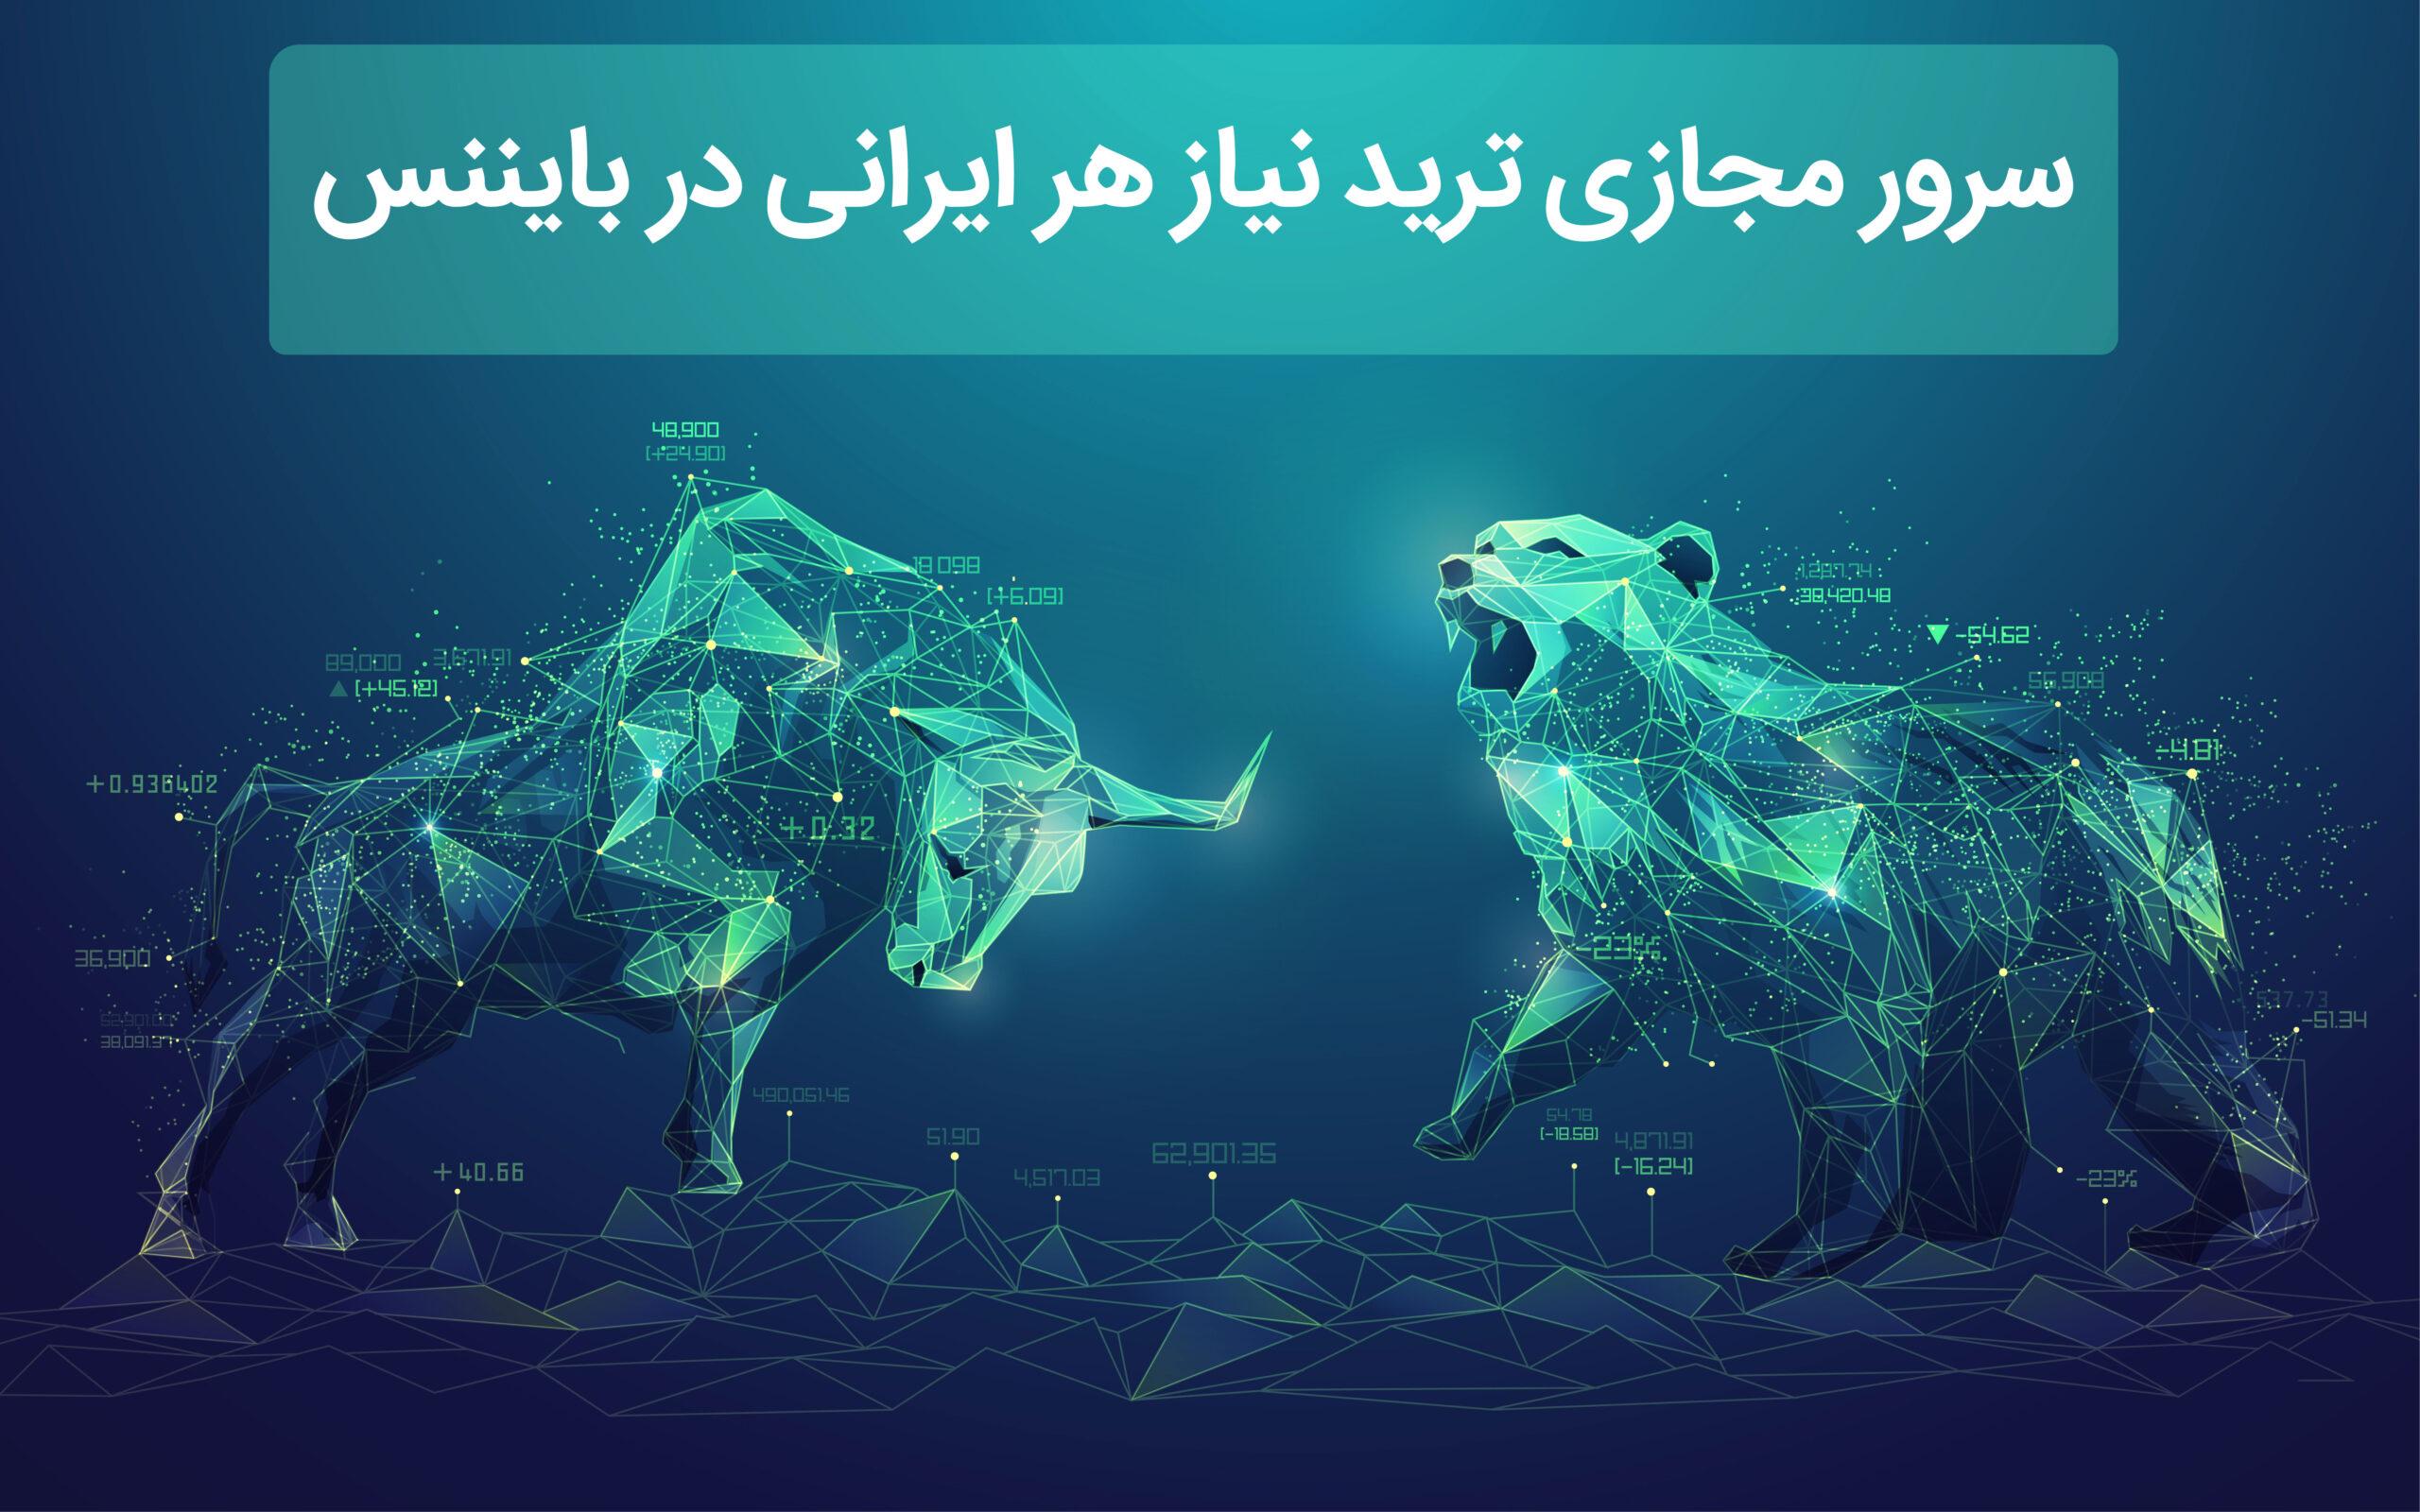 سرور مجازی ترید نیاز هر ایرانی در بایننس